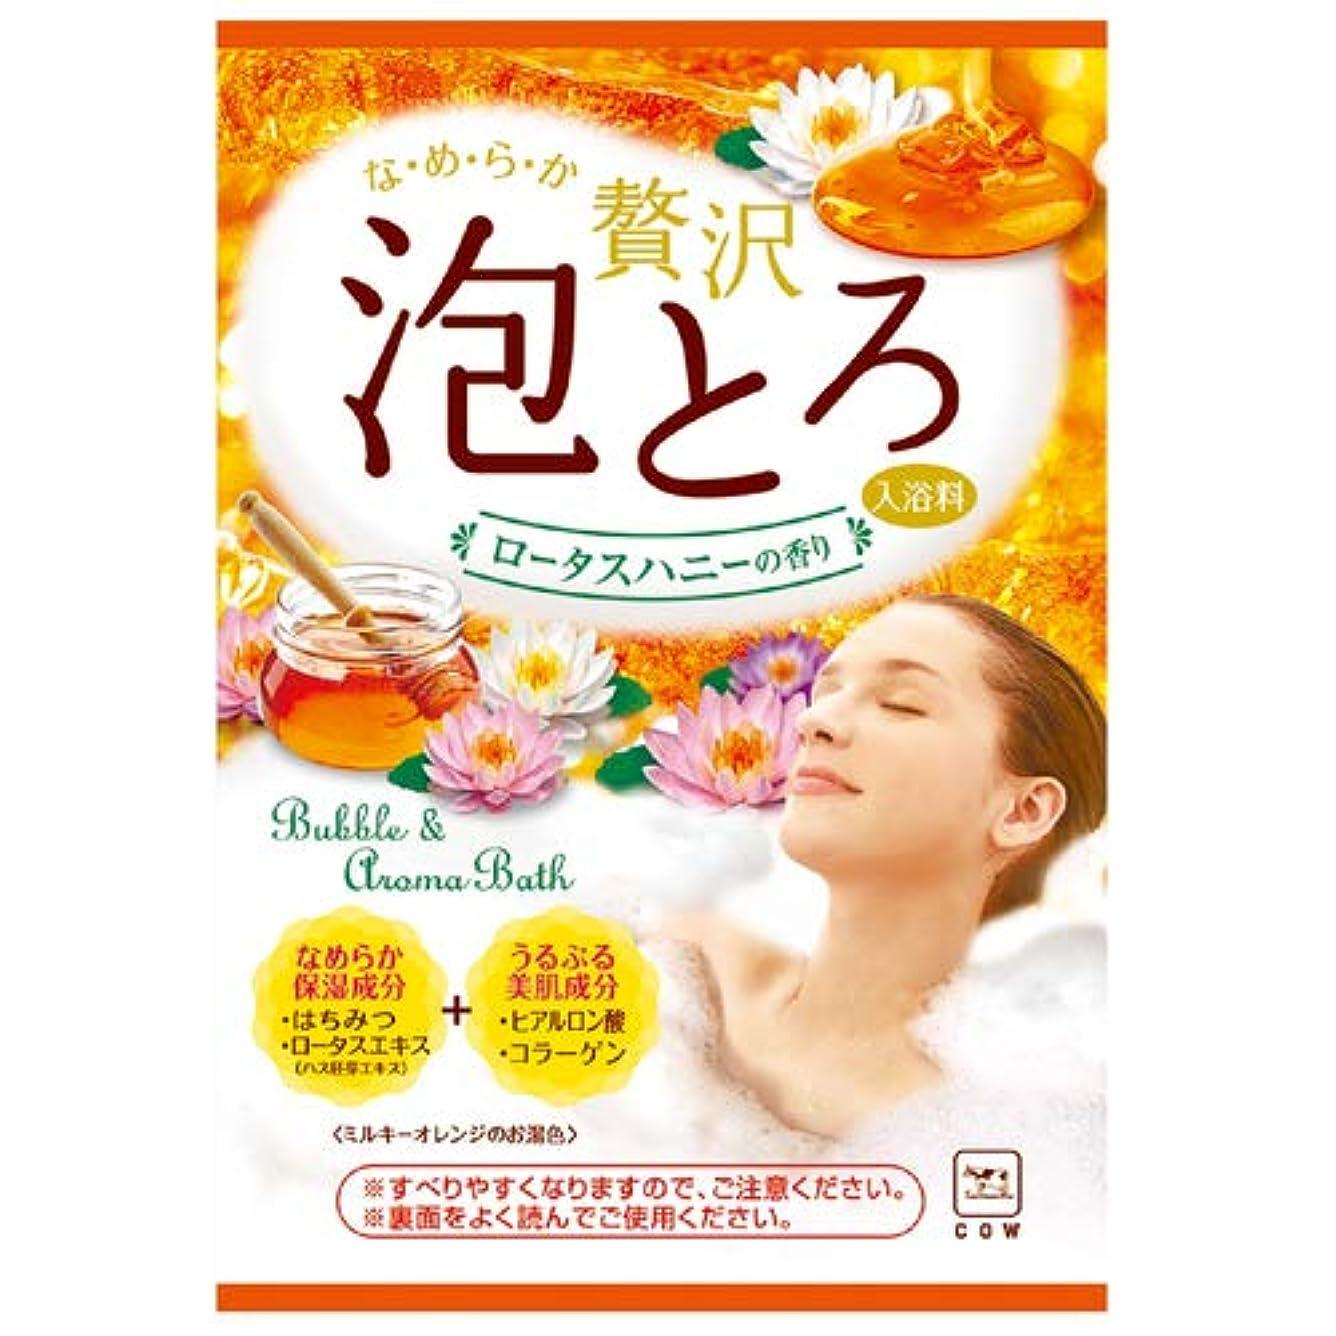 レシピ治すナイトスポットお湯物語 贅沢泡とろ入浴料 ロータスハニーの香り 30g